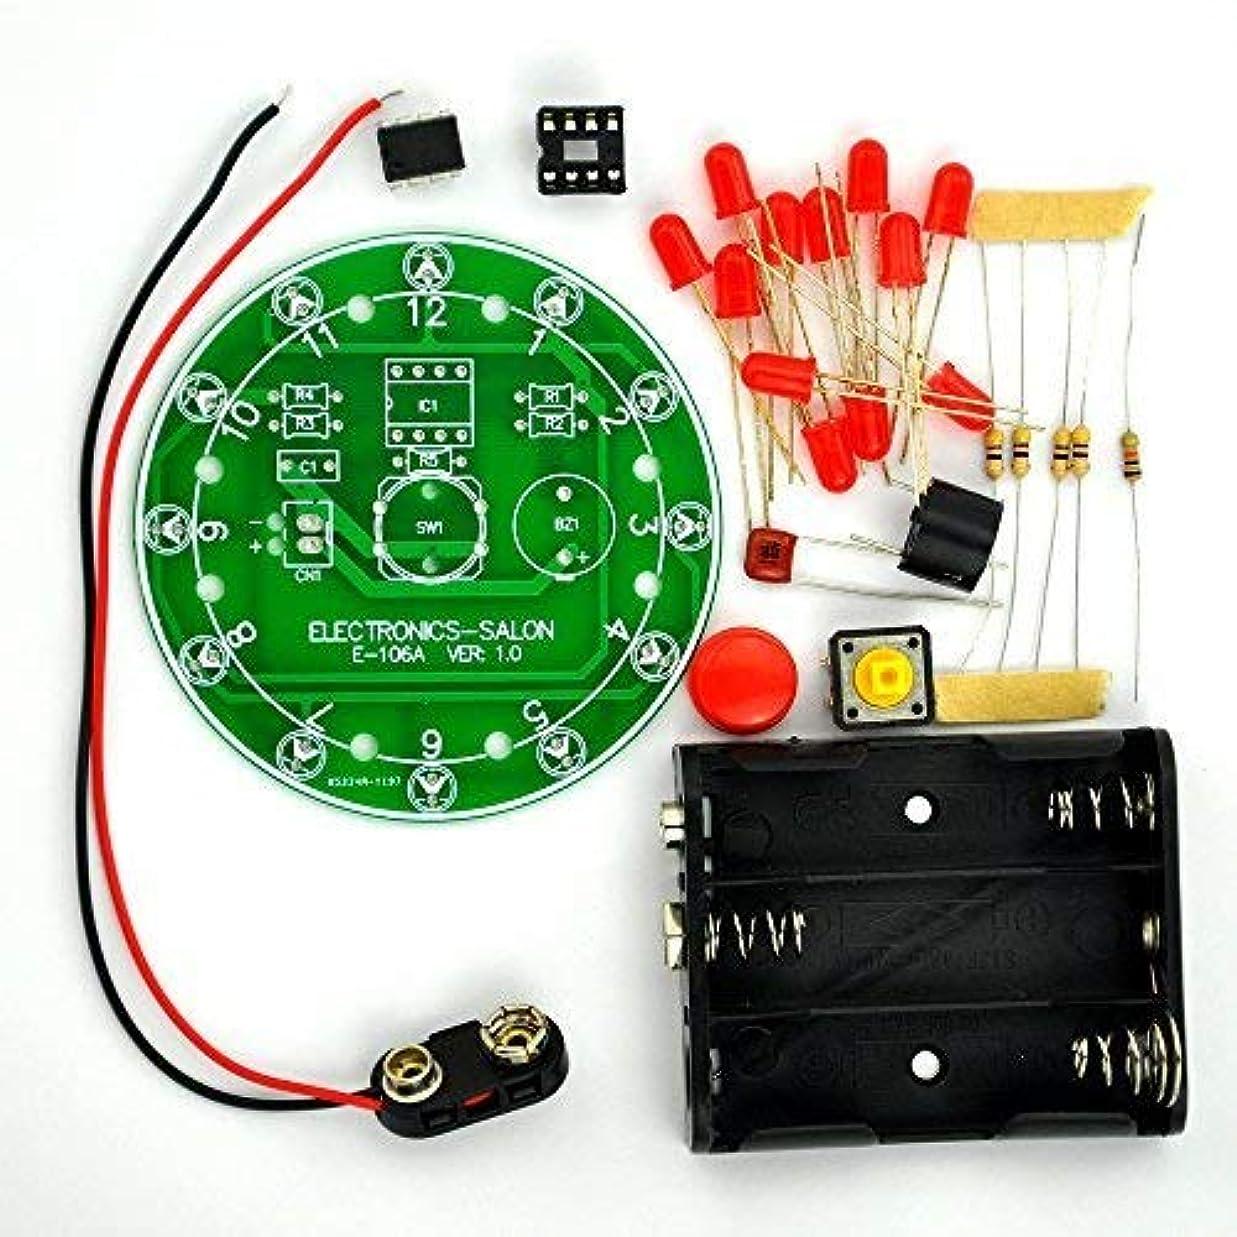 写真の変位貸すElectronics-Salon 12位置pic12f508 MCUに基づく電子ラッキー回転ボードキット導い